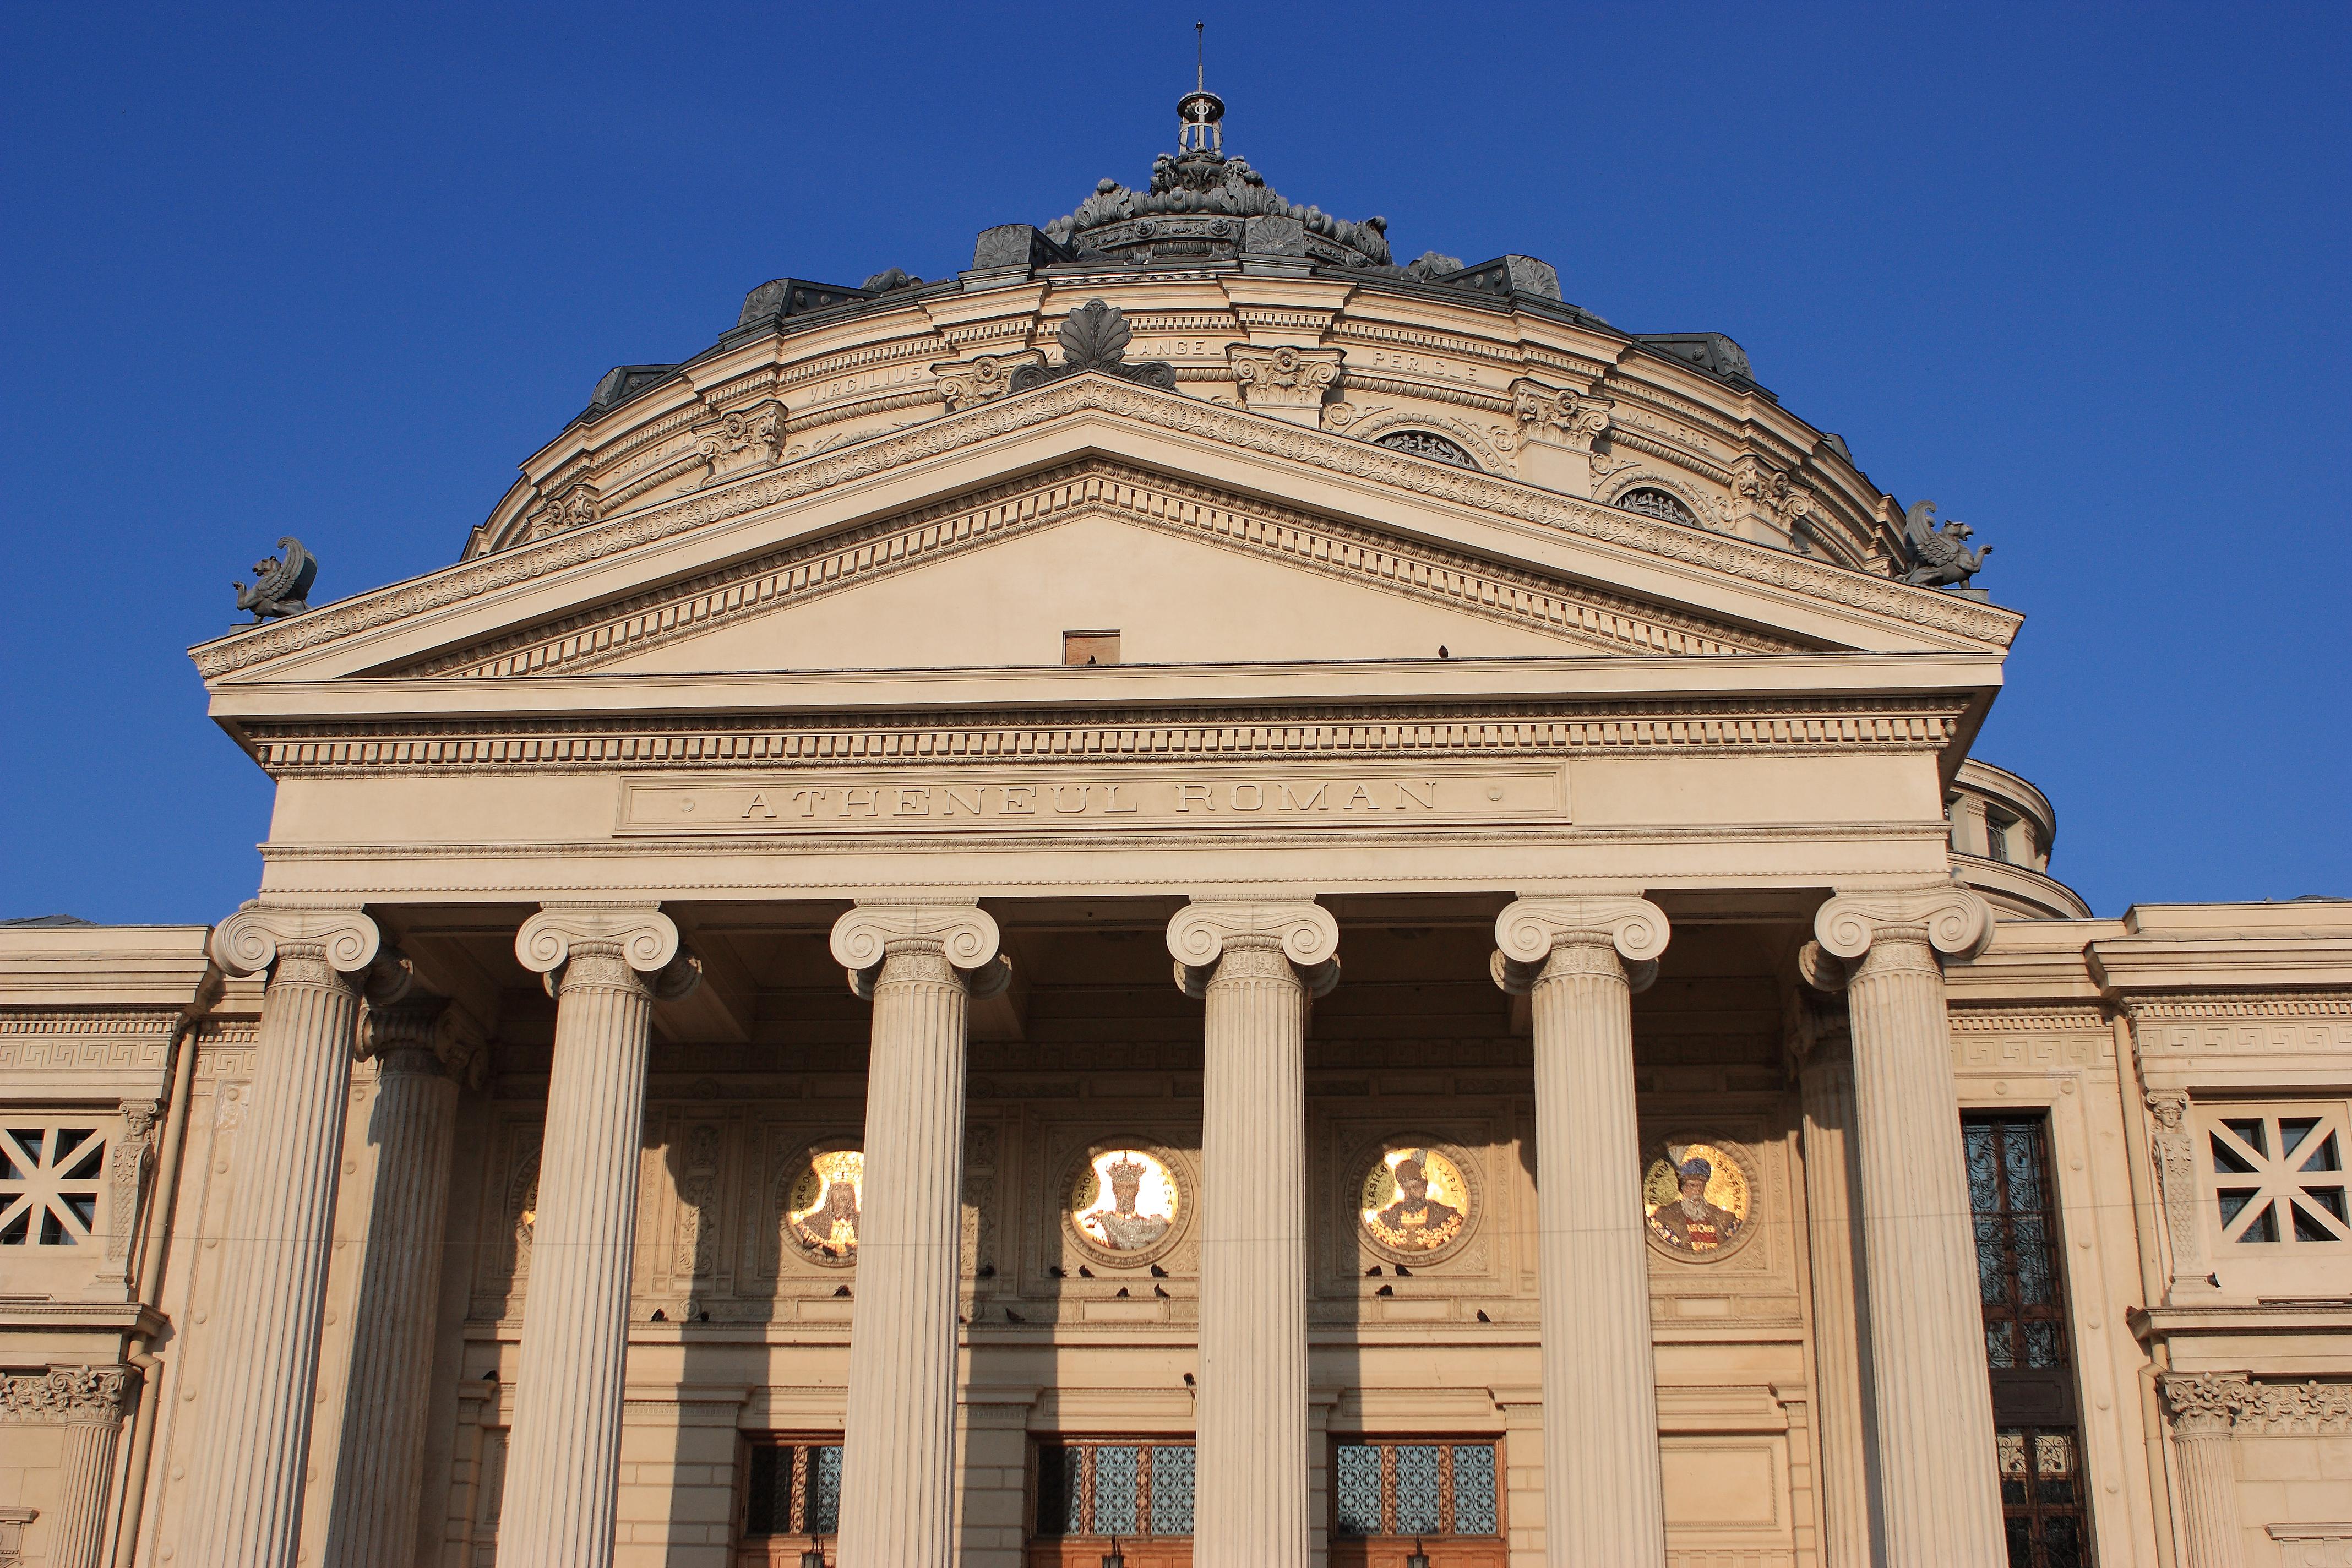 El Ateneo Rumano, reflejo del pasado esplendoroso de Bucarest - Rumanía Circuito Lo mejor de Rumanía y Bulgaria